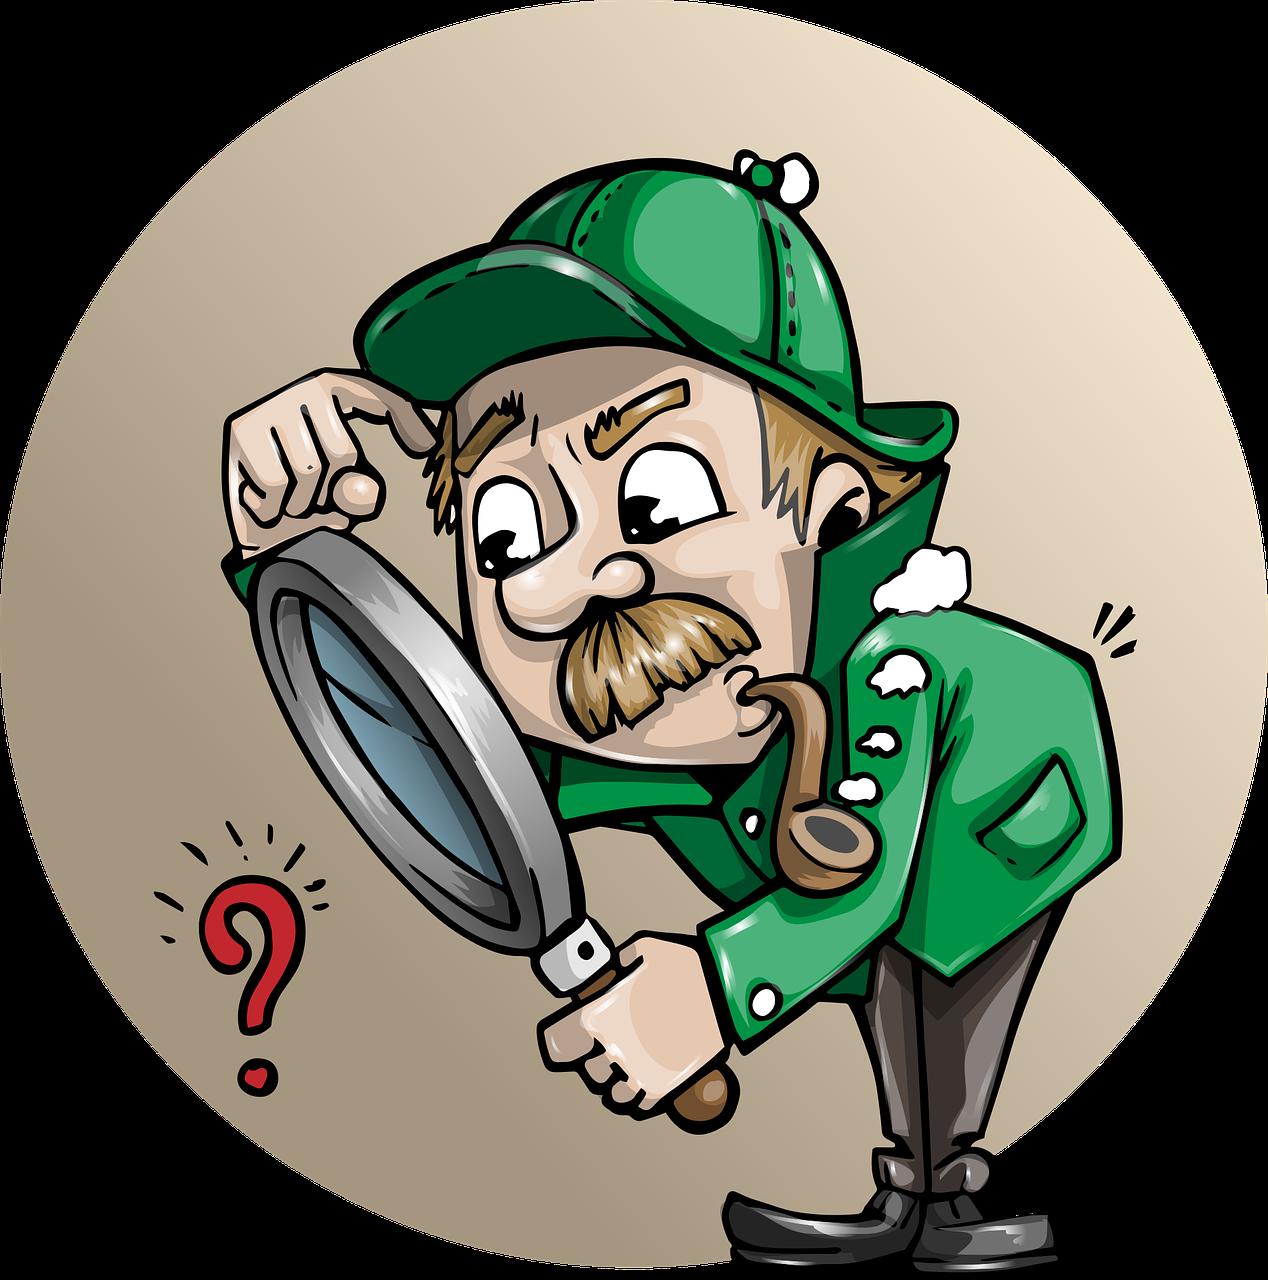 Detektiv schaut durch eine Lupe auf ein Fragezeichen